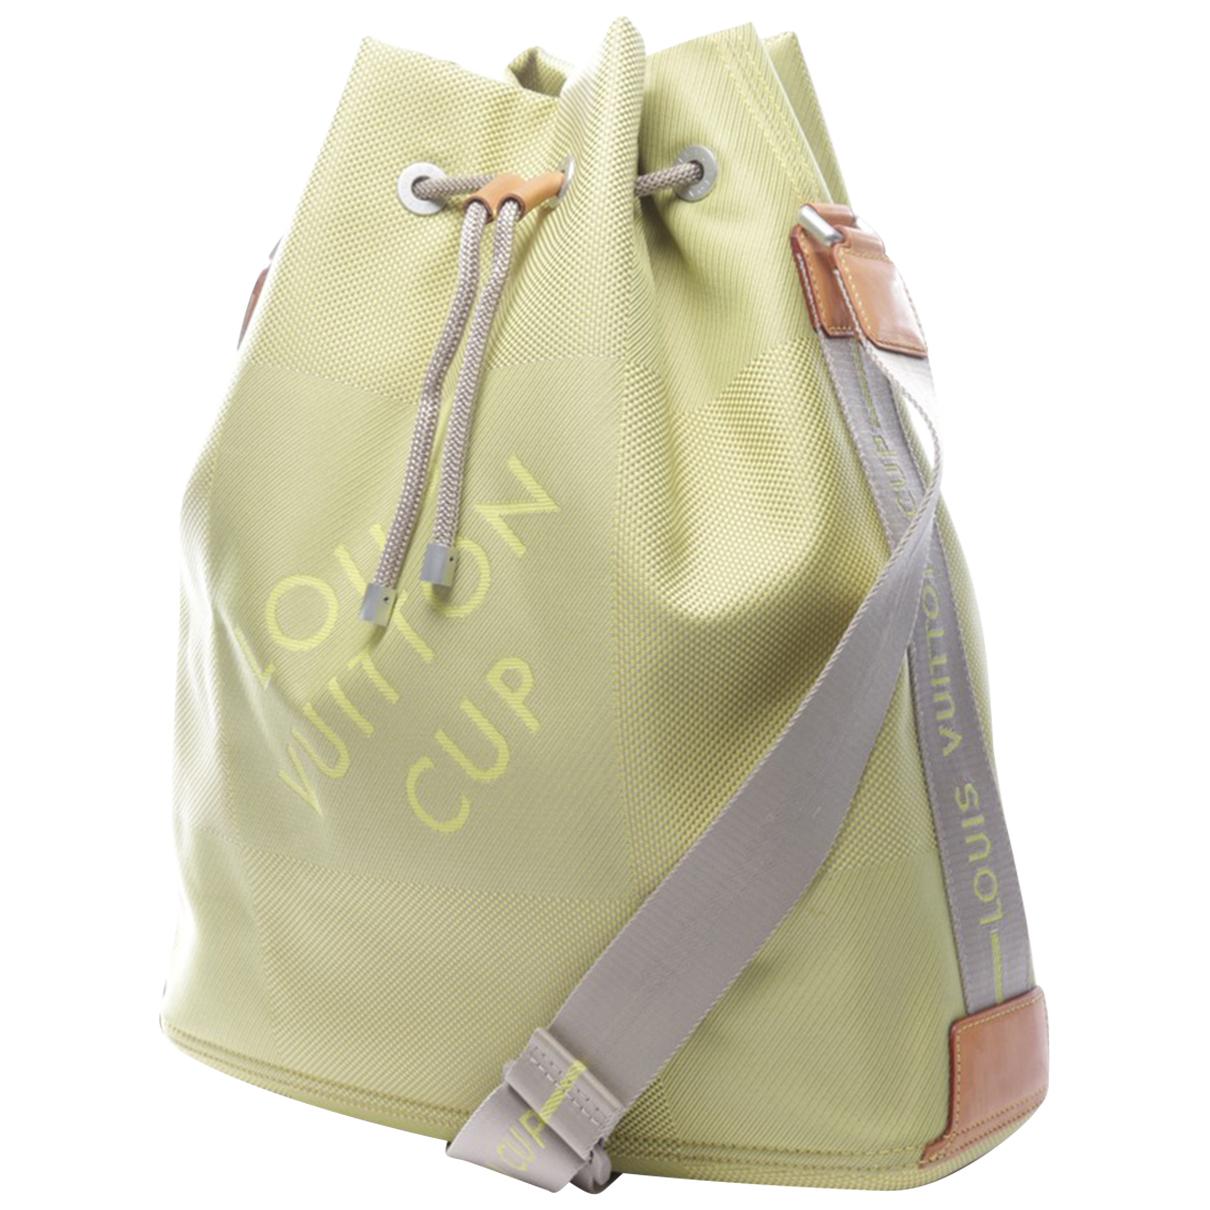 Louis Vuitton \N Green Cloth handbag for Women \N